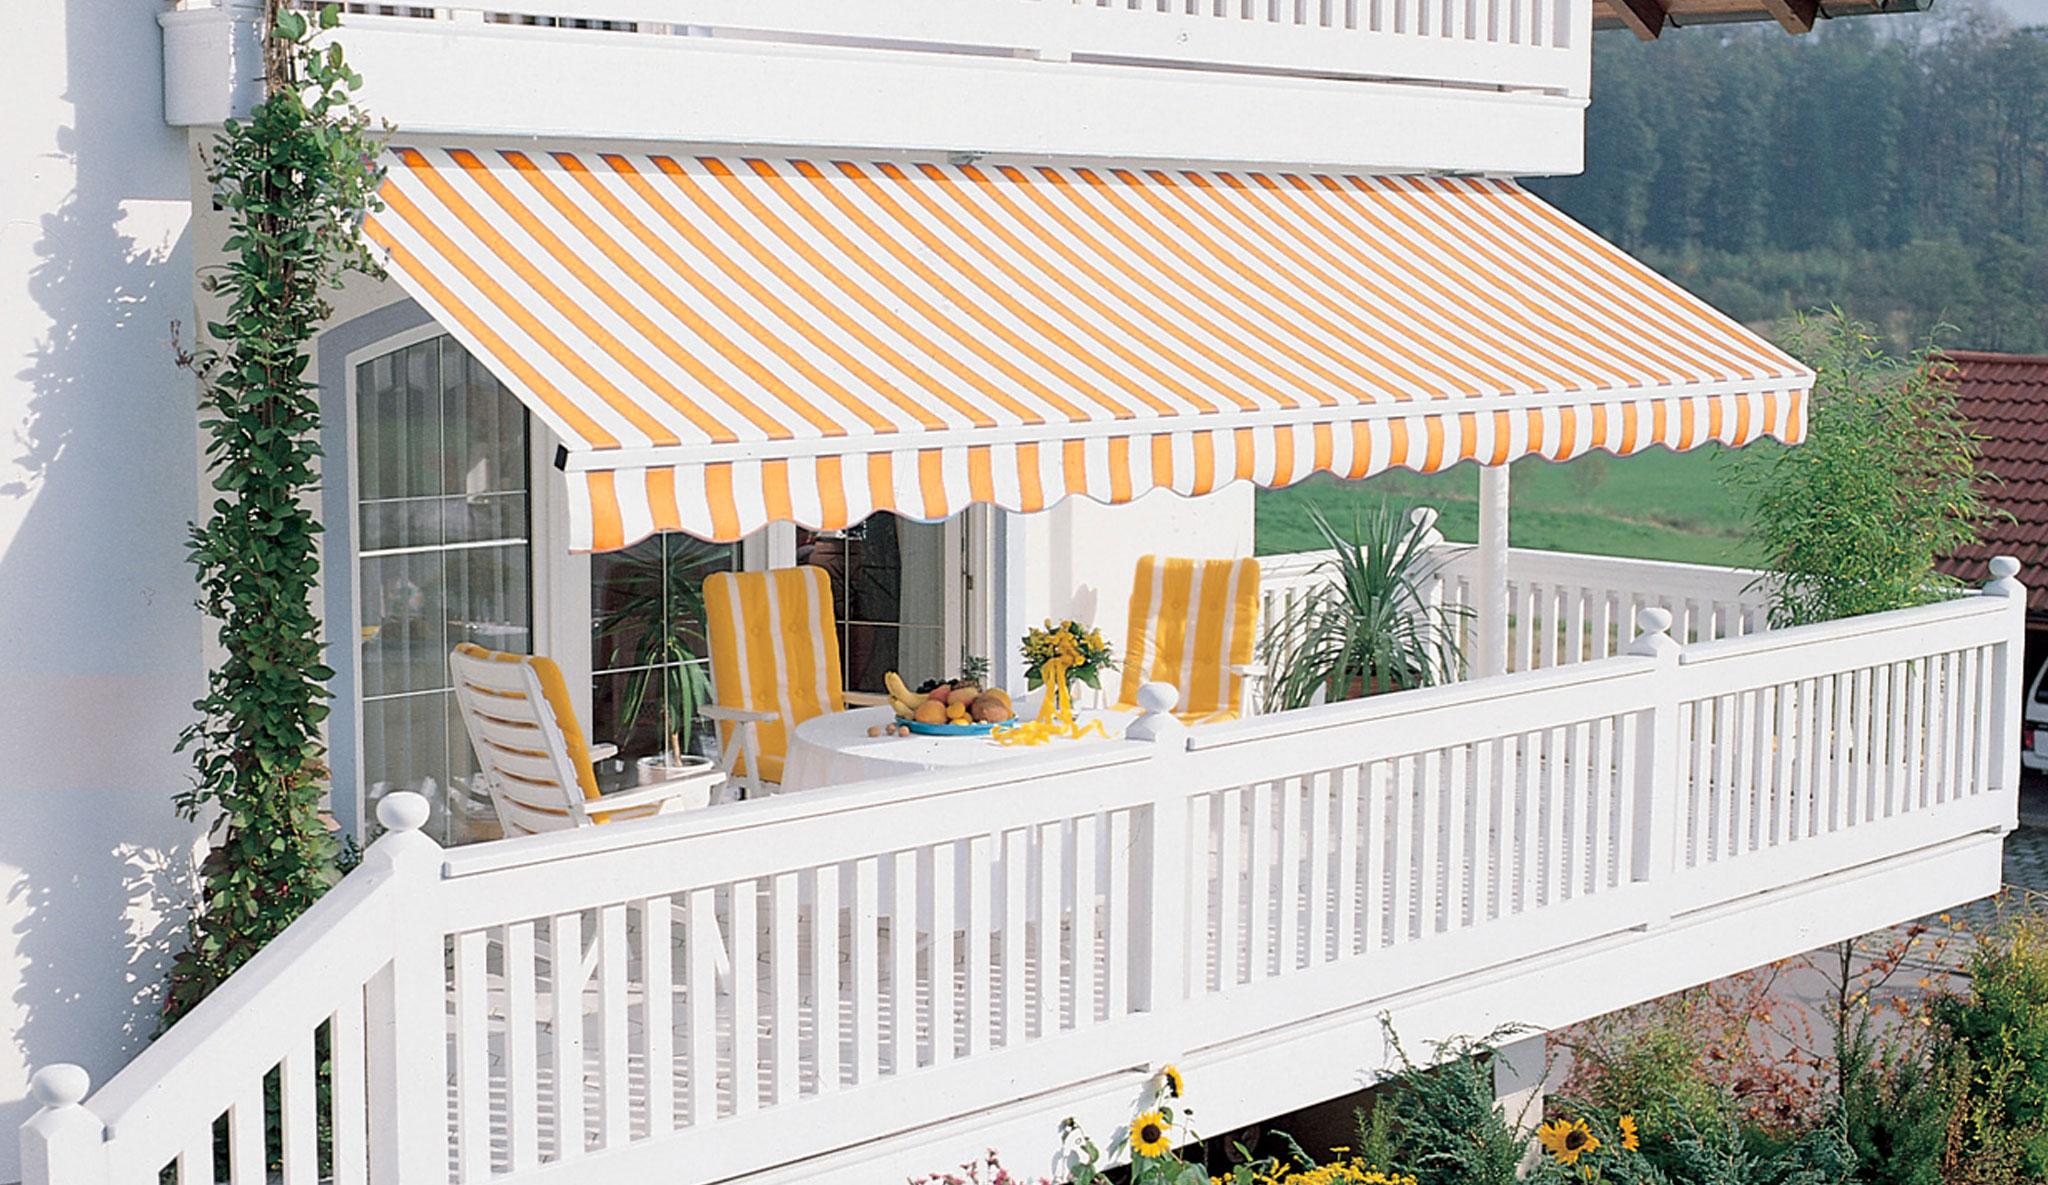 balkon markise ohne bohren awesome sonnensegel balkon ohne bohren herrlich balkon markise ohne. Black Bedroom Furniture Sets. Home Design Ideas